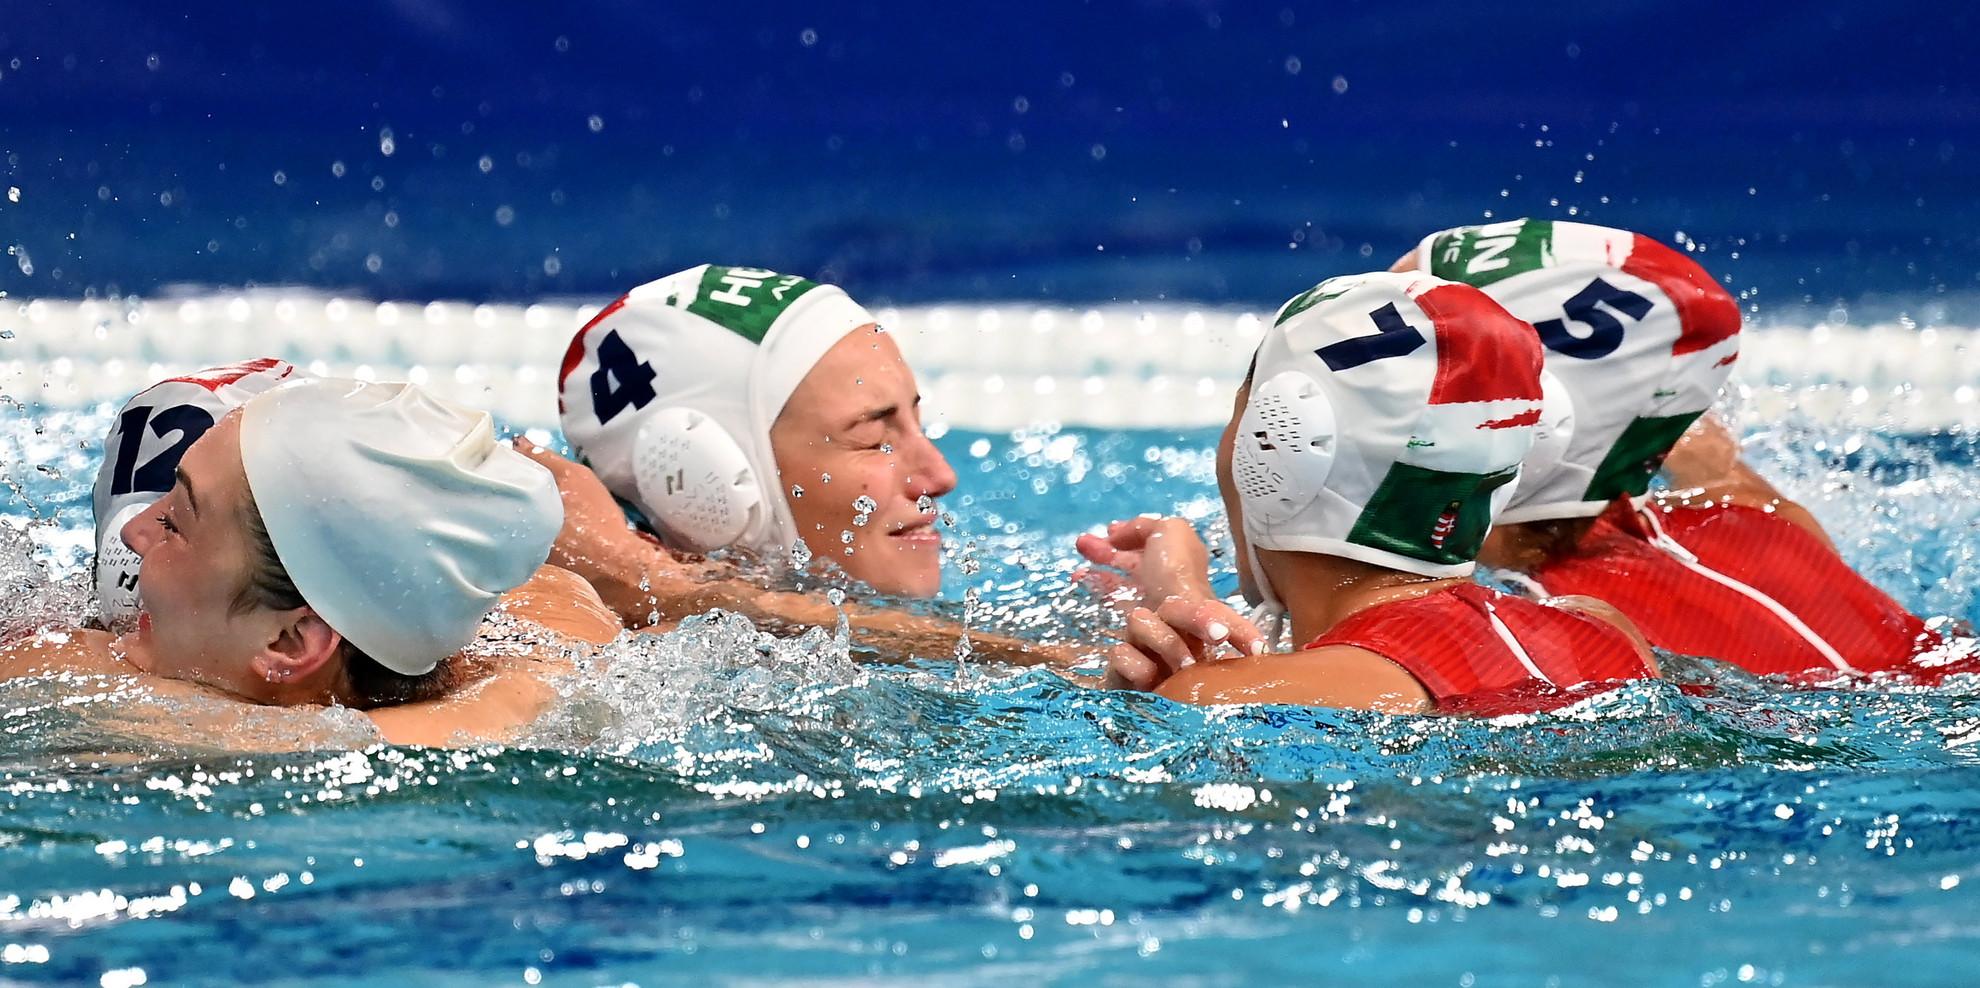 Garda Krisztina (takarásban), Rybanska Natasa, Gurisatti Gréta, Illés Anna és Szücs Gabriella, a bronzérmes magyar csapat tagjai (b-j) ünneplik győzelmüket a világméretű koronavírus-járvány miatt 2021-re halasztott 2020-as tokiói nyári olimpia női vízilabdatornáján a harmadik helyért játszott Magyarország - Orosz Olimpiai Csapat mérkőzés végén a Tacumi Vízilabdaközpontban 2021. augusztus 7-én